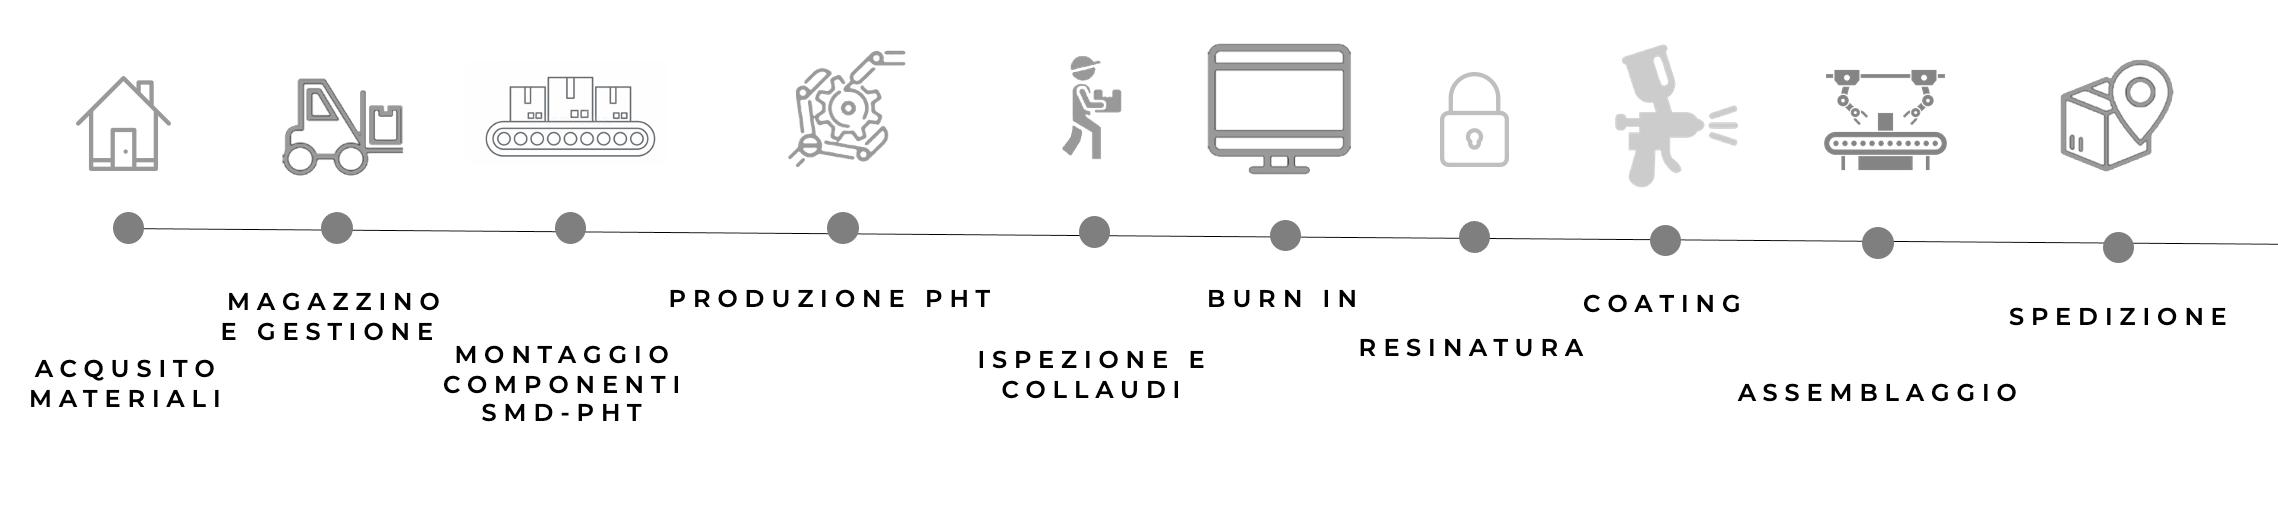 processo produzione - Produzione